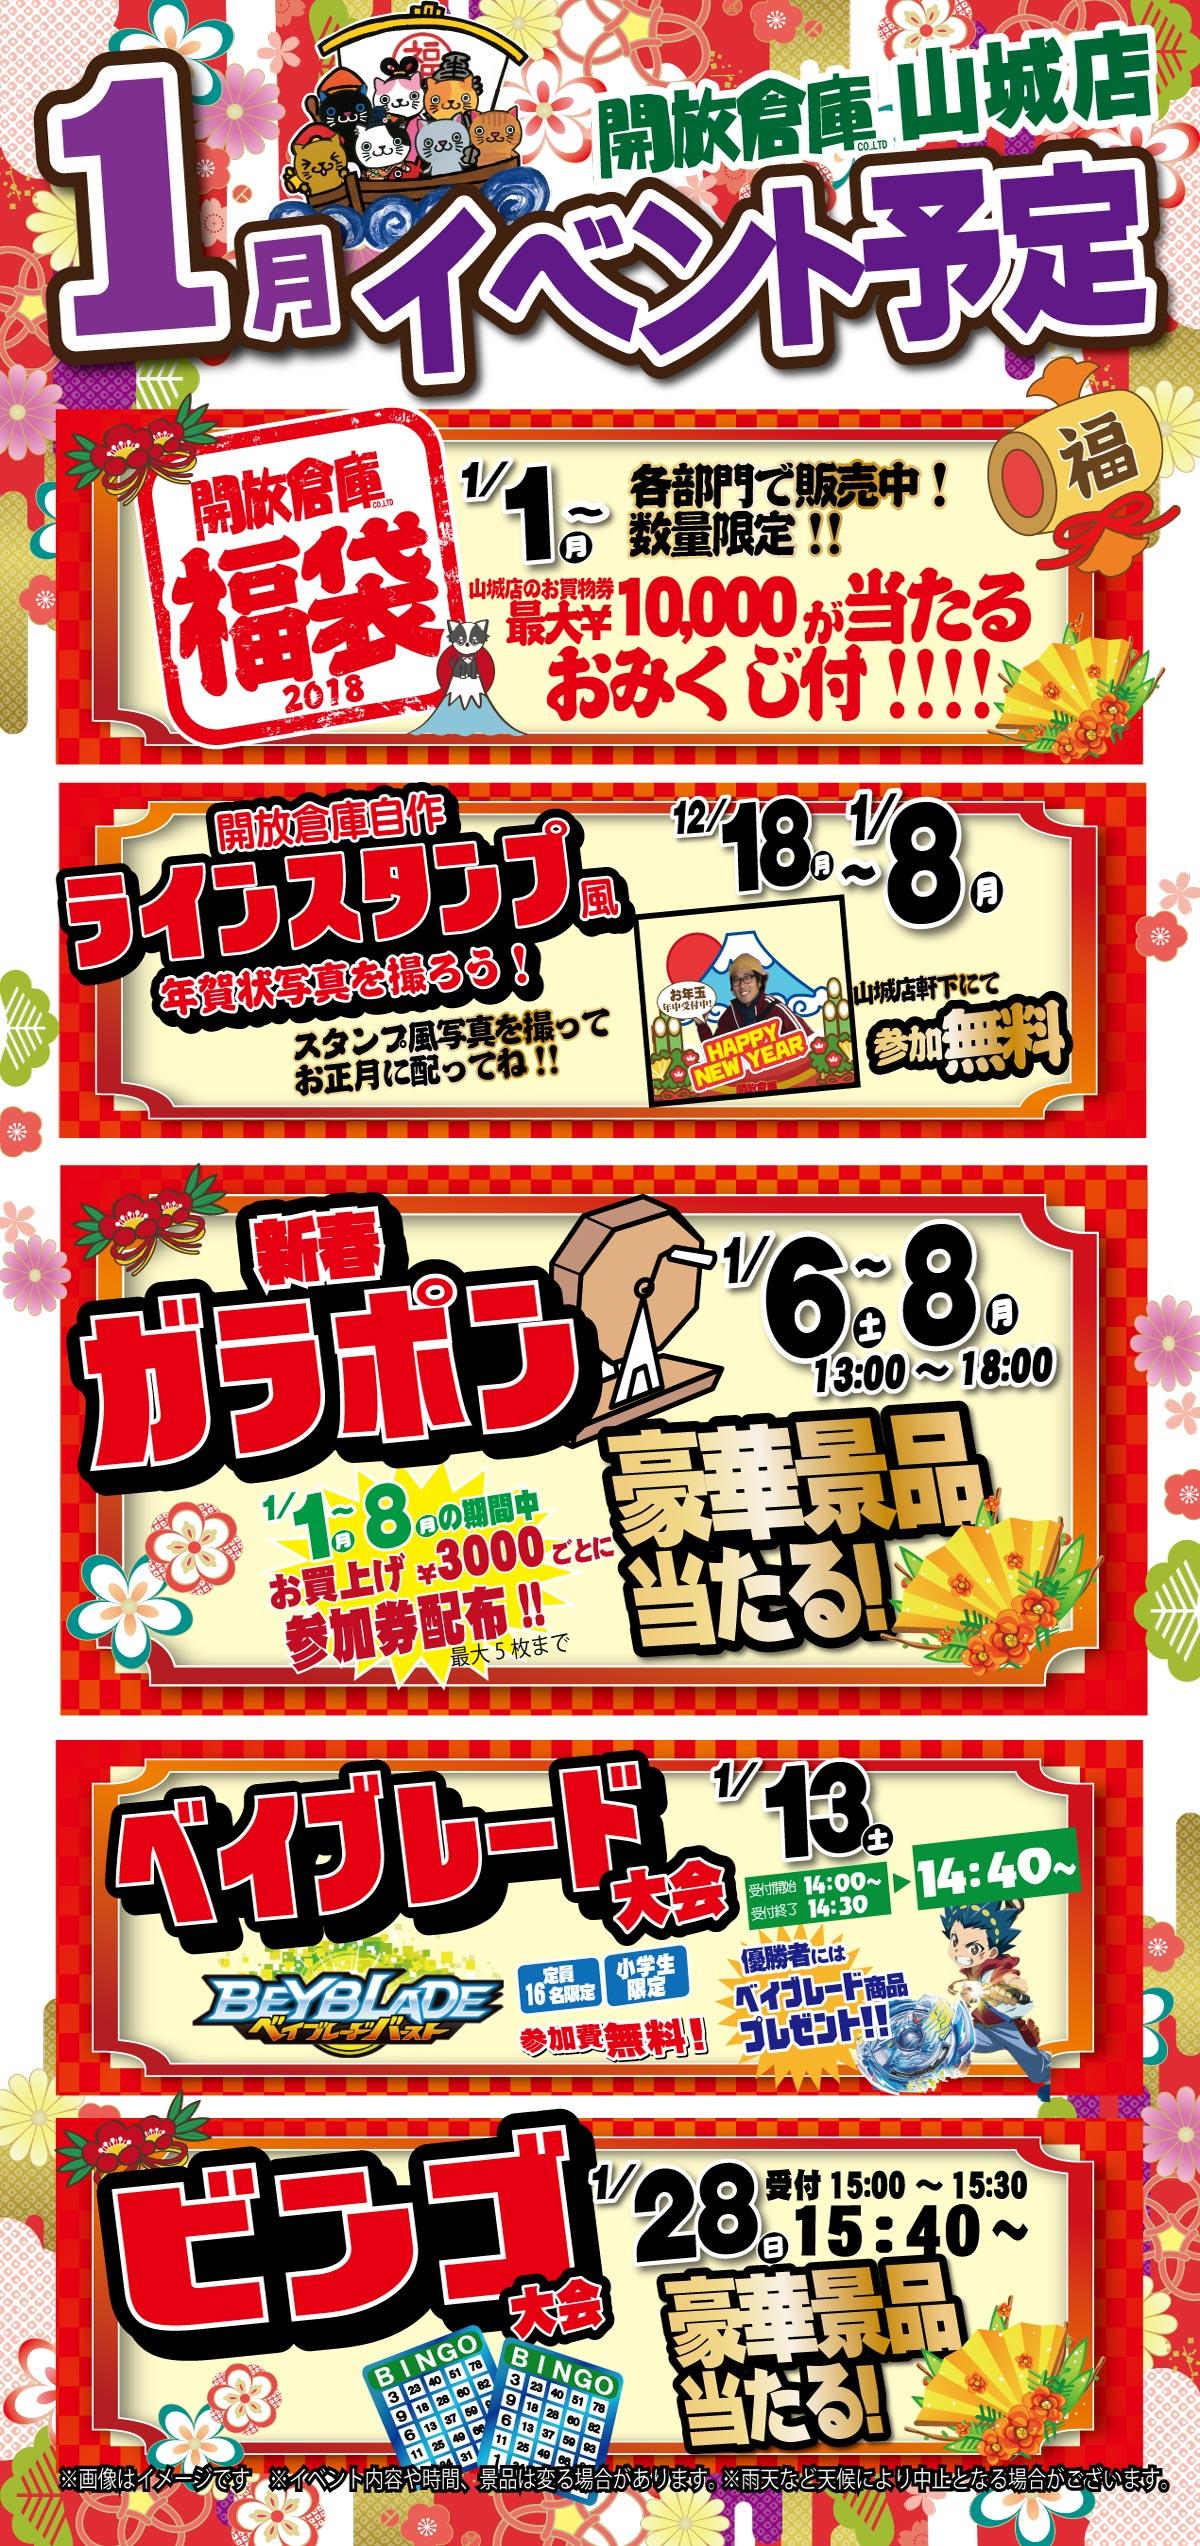 「開放倉庫山城店」2018年1月のイベント予定表を更新しました!